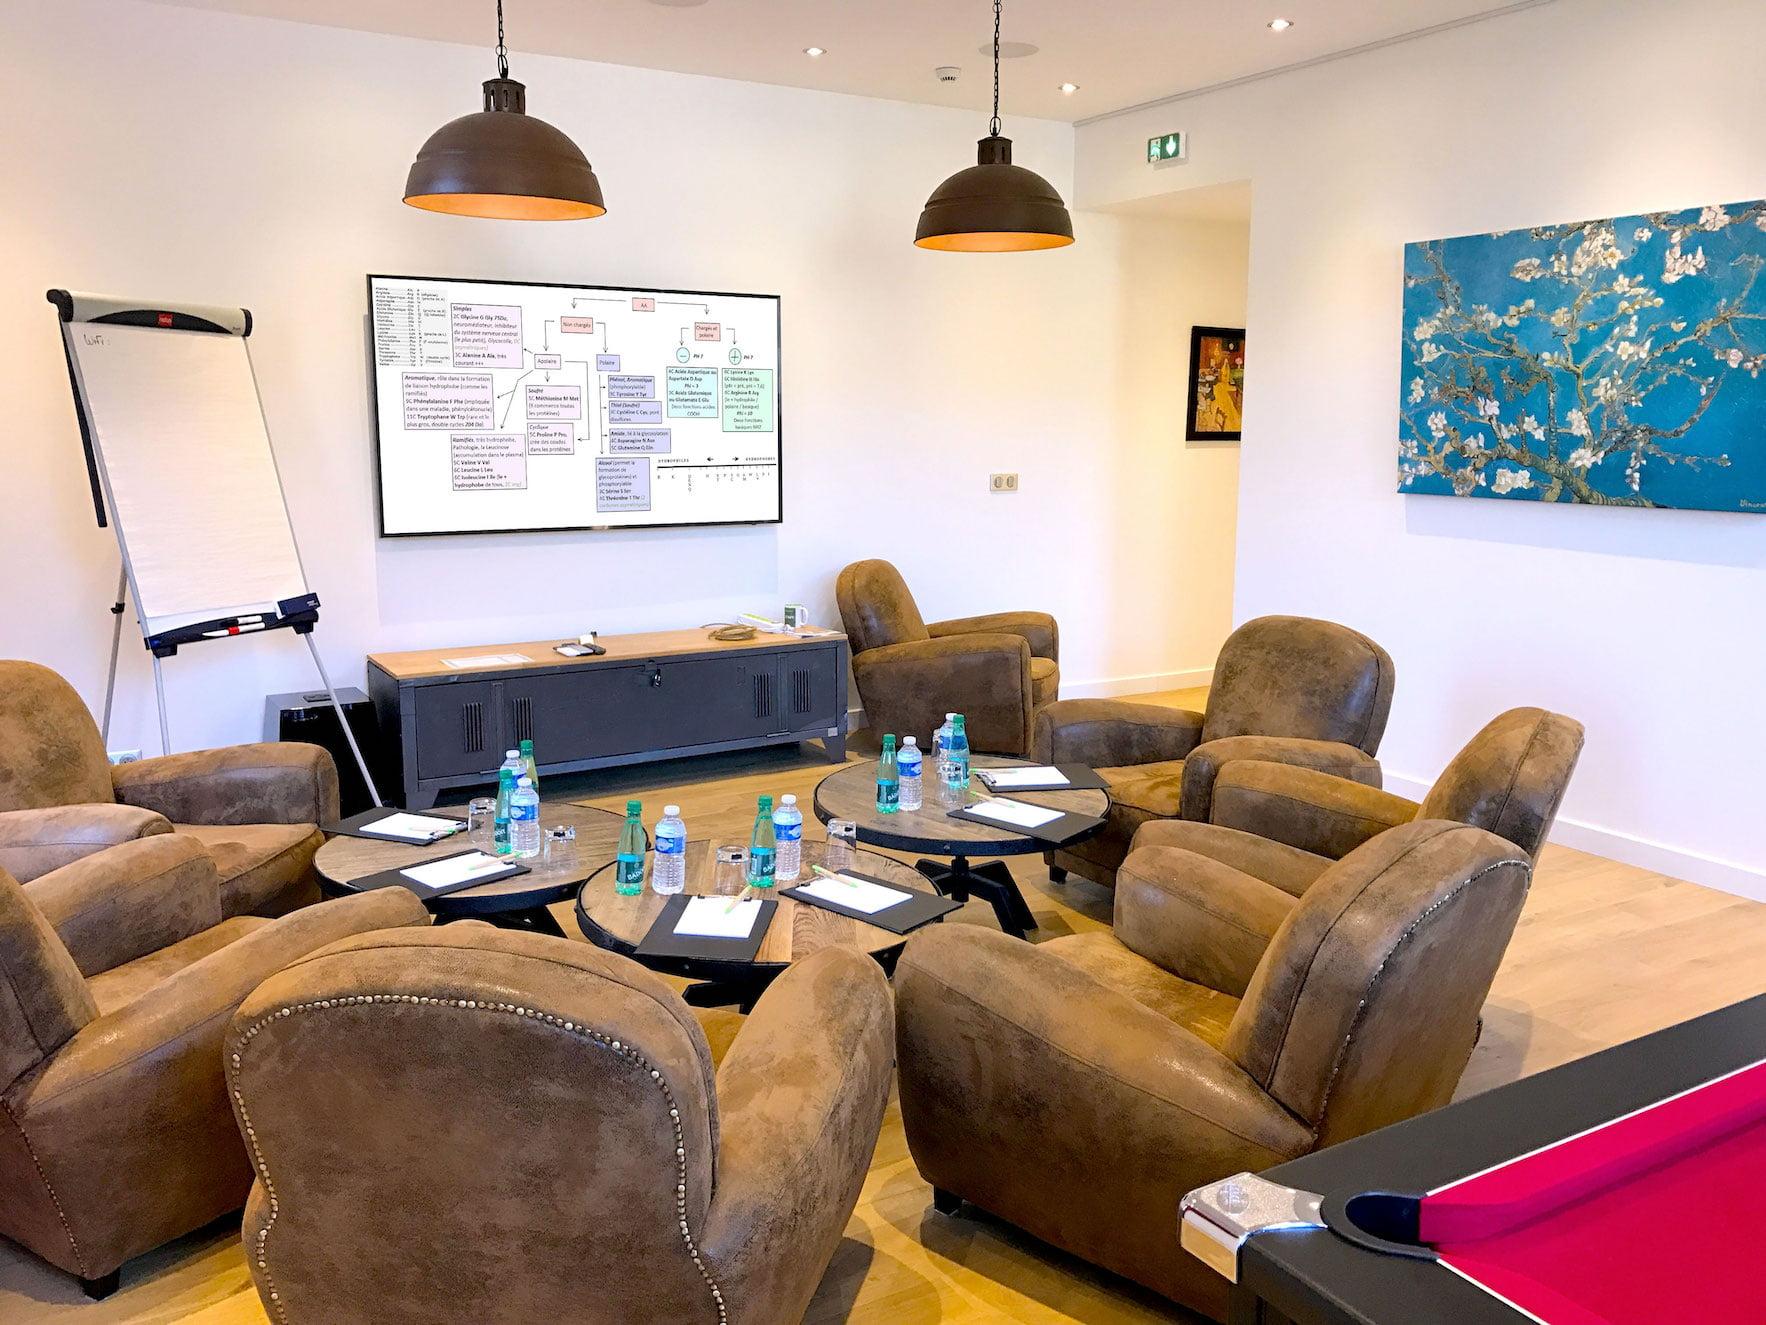 Séminaire au salon du Green des Impressionnistes : fauteuils clubs et tables autour d'un écran géant et d'un paperboard